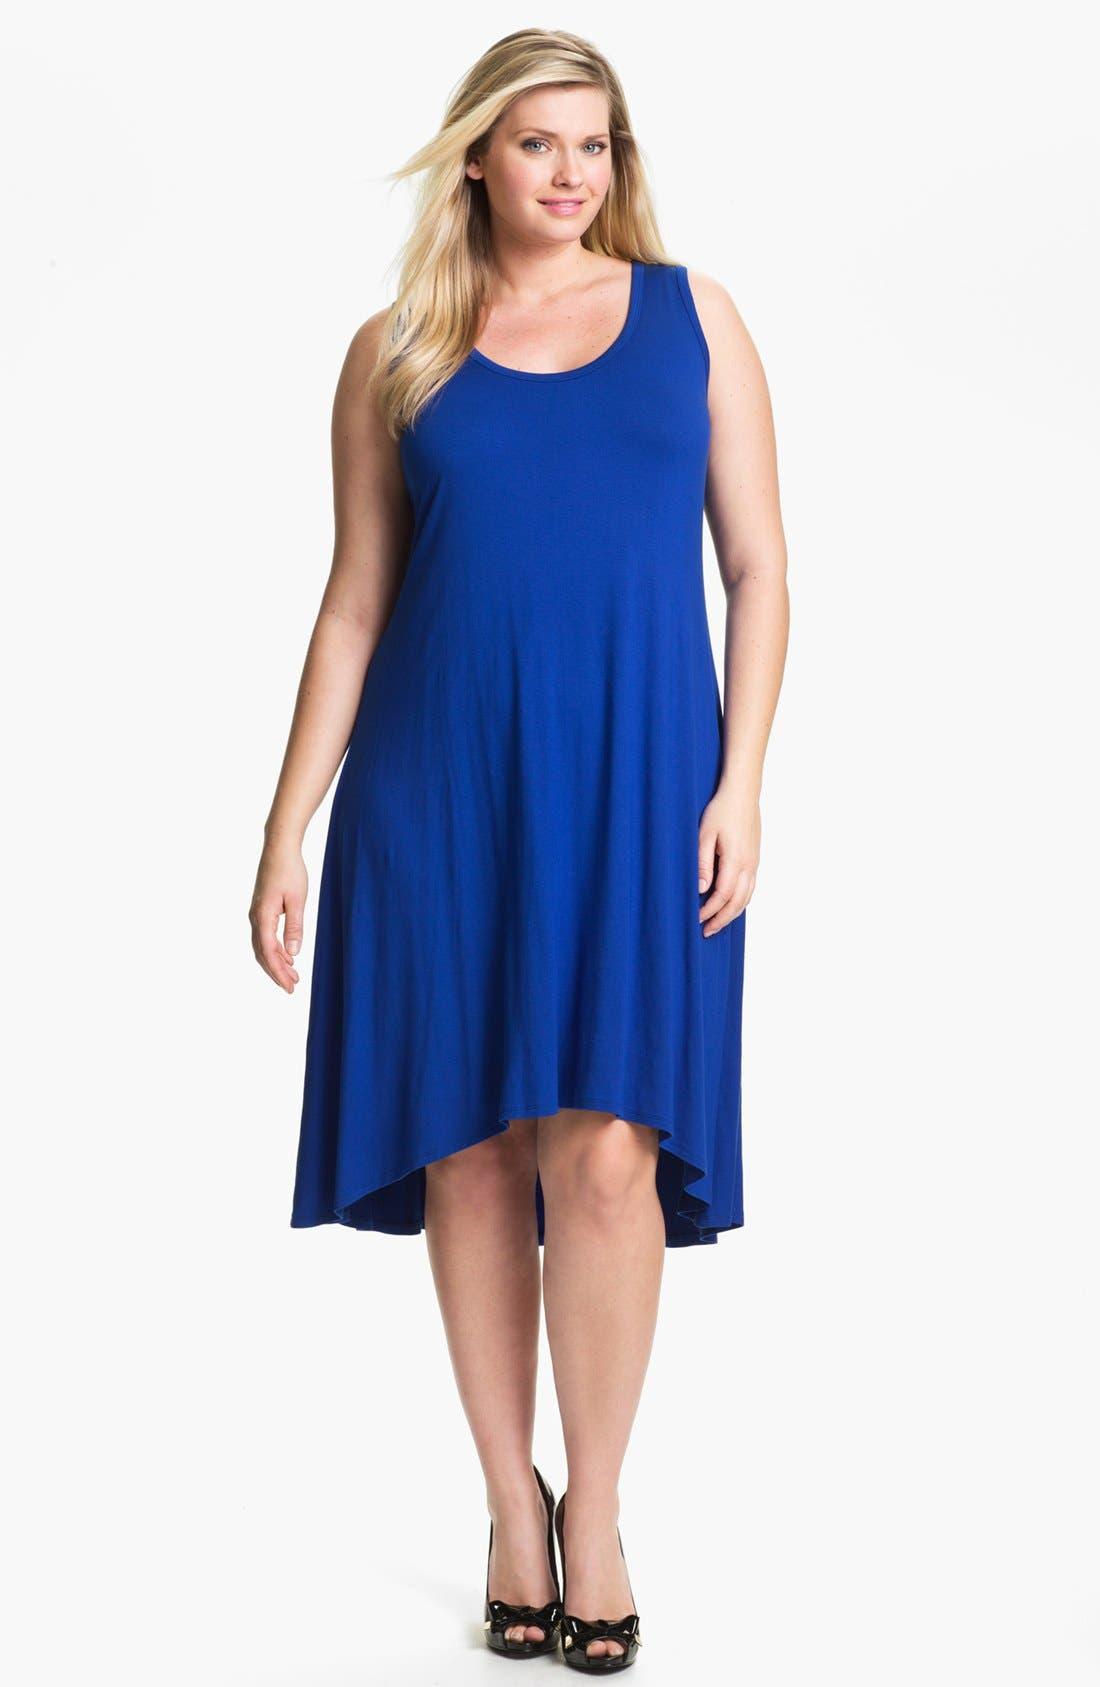 Alternate Image 1 Selected - Karen Kane Midi Tank Dress (Plus Size)